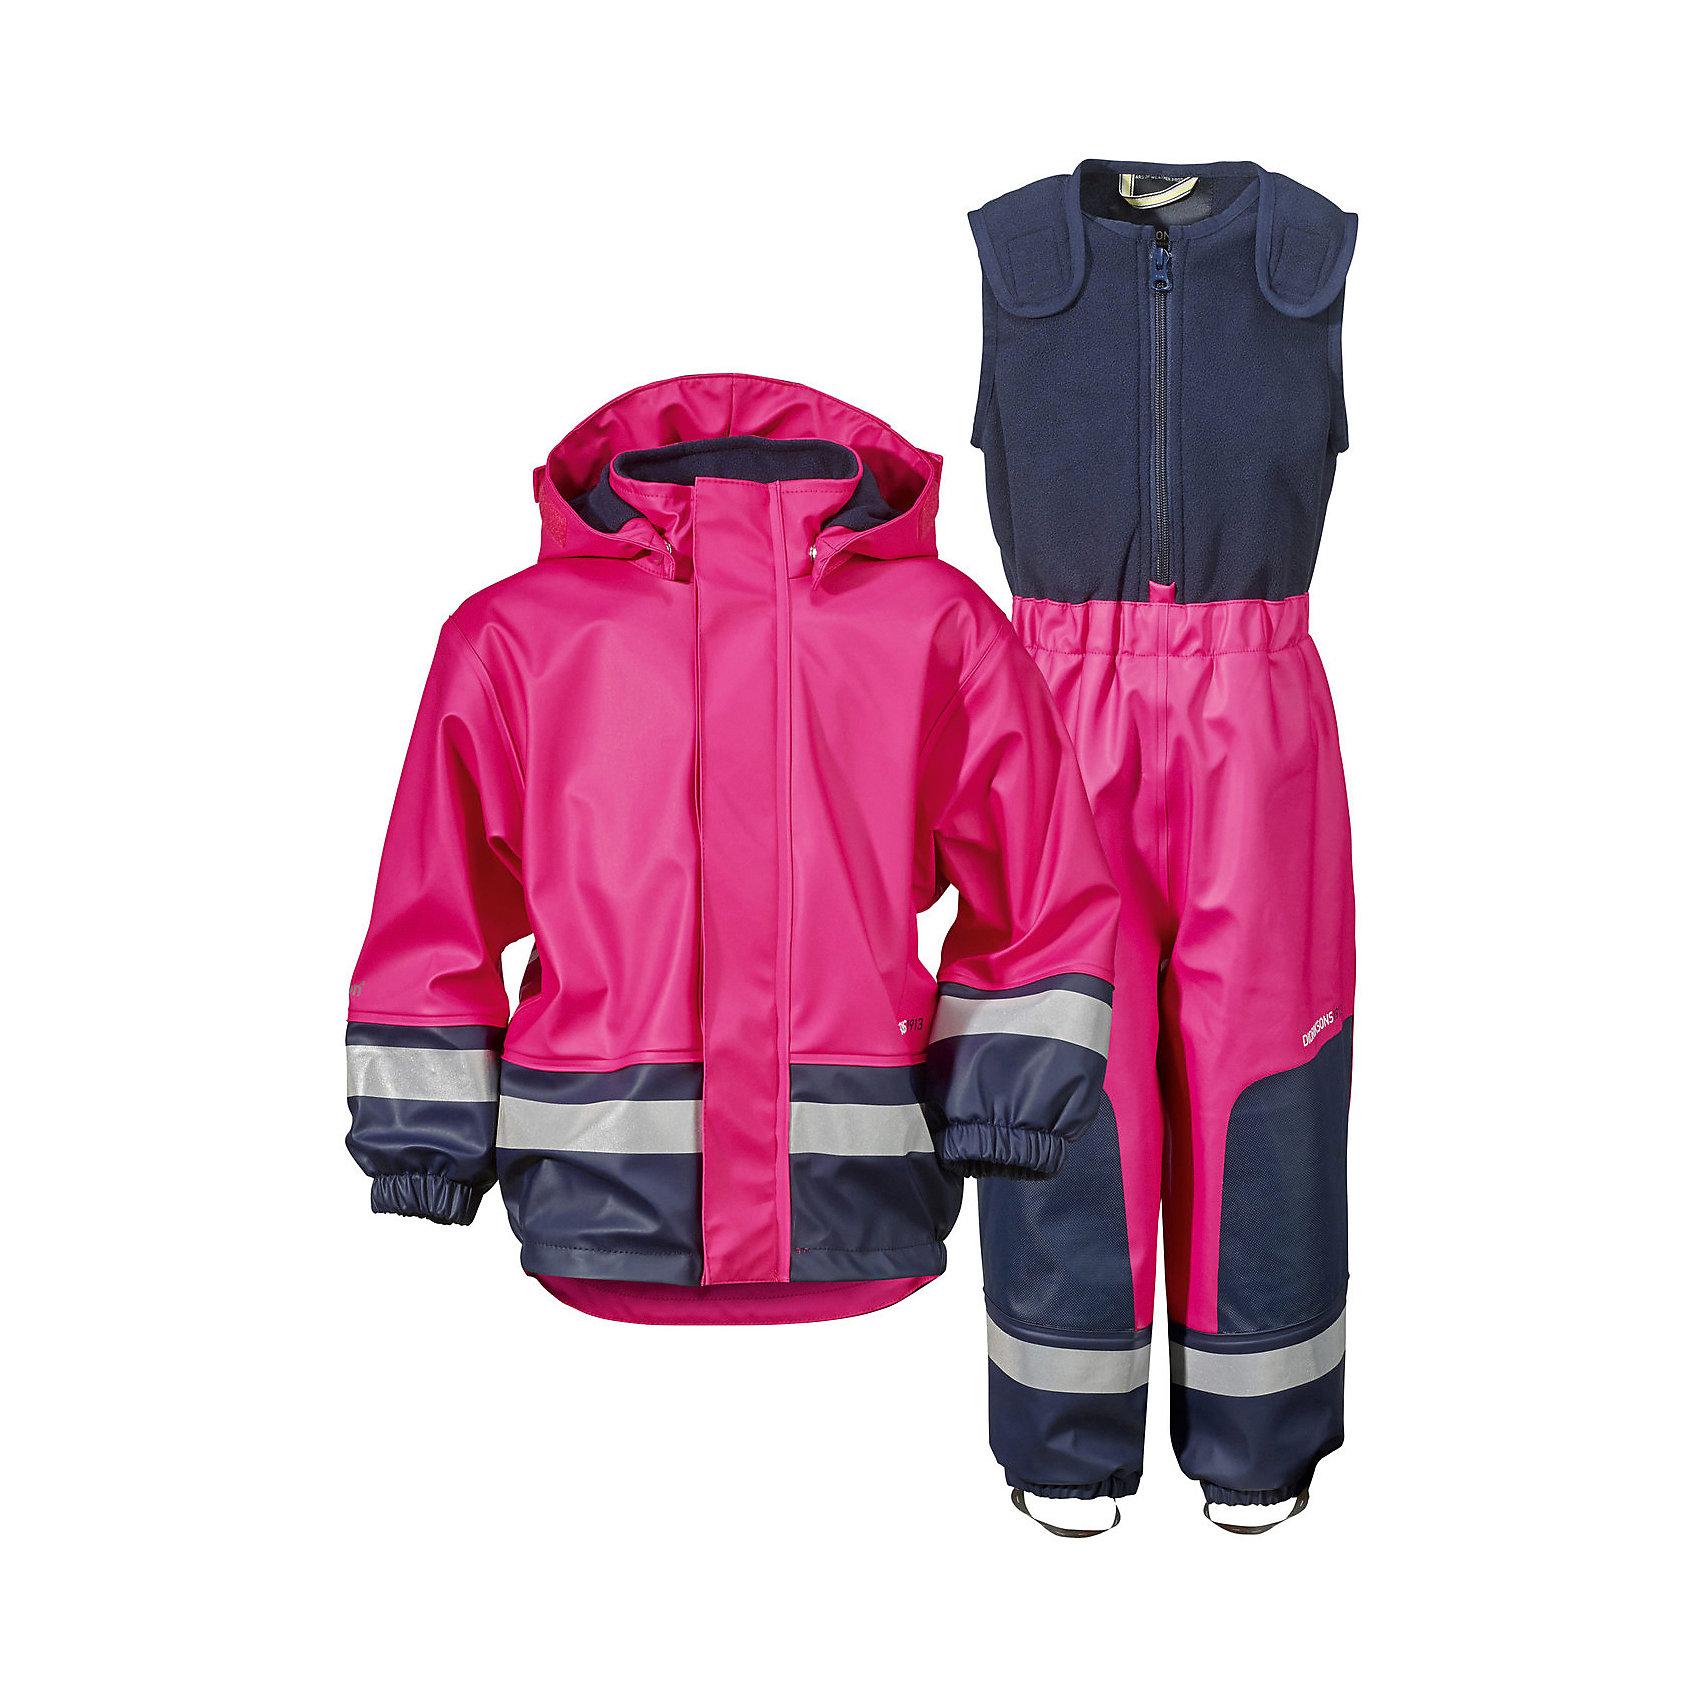 Непромокаемый комплект BOARDMAN для девочки DIDRIKSONSВерхняя одежда<br>Детский костюм из абсолютно водронепроницаемого мягкого полиуретана Galon на подкладке из флиса. Все швы проклеены, что обеспечивает максимальную защиту от внешней влаги. Регулируемый съемный капюшон и пояс брюк. Резинки для ботинок. Фронтальная молния под планкой. Зона коленей усилена дополнительным слоем ткани. Светоотражатели. Ткань - износоустойчивая, за ней легко ухаживать - грязь легко удаляется с помощью влажной губки или ткани. Костюм незаменим в ненастную прохладную погоду, рассчитан на температуру от 0 до +7. Ребёнок будет счастлив обмерить все лужи, залезть на все сугробы и прокатиться на грязных горках и останется сухим, а мама довольной.<br>Состав:<br>Верх - 100% полиуретан, подкладка - 100% полиэстер<br><br>Ширина мм: 356<br>Глубина мм: 10<br>Высота мм: 245<br>Вес г: 519<br>Цвет: розовый<br>Возраст от месяцев: 6<br>Возраст до месяцев: 9<br>Пол: Женский<br>Возраст: Детский<br>Размер: 70,140,80<br>SKU: 5527181